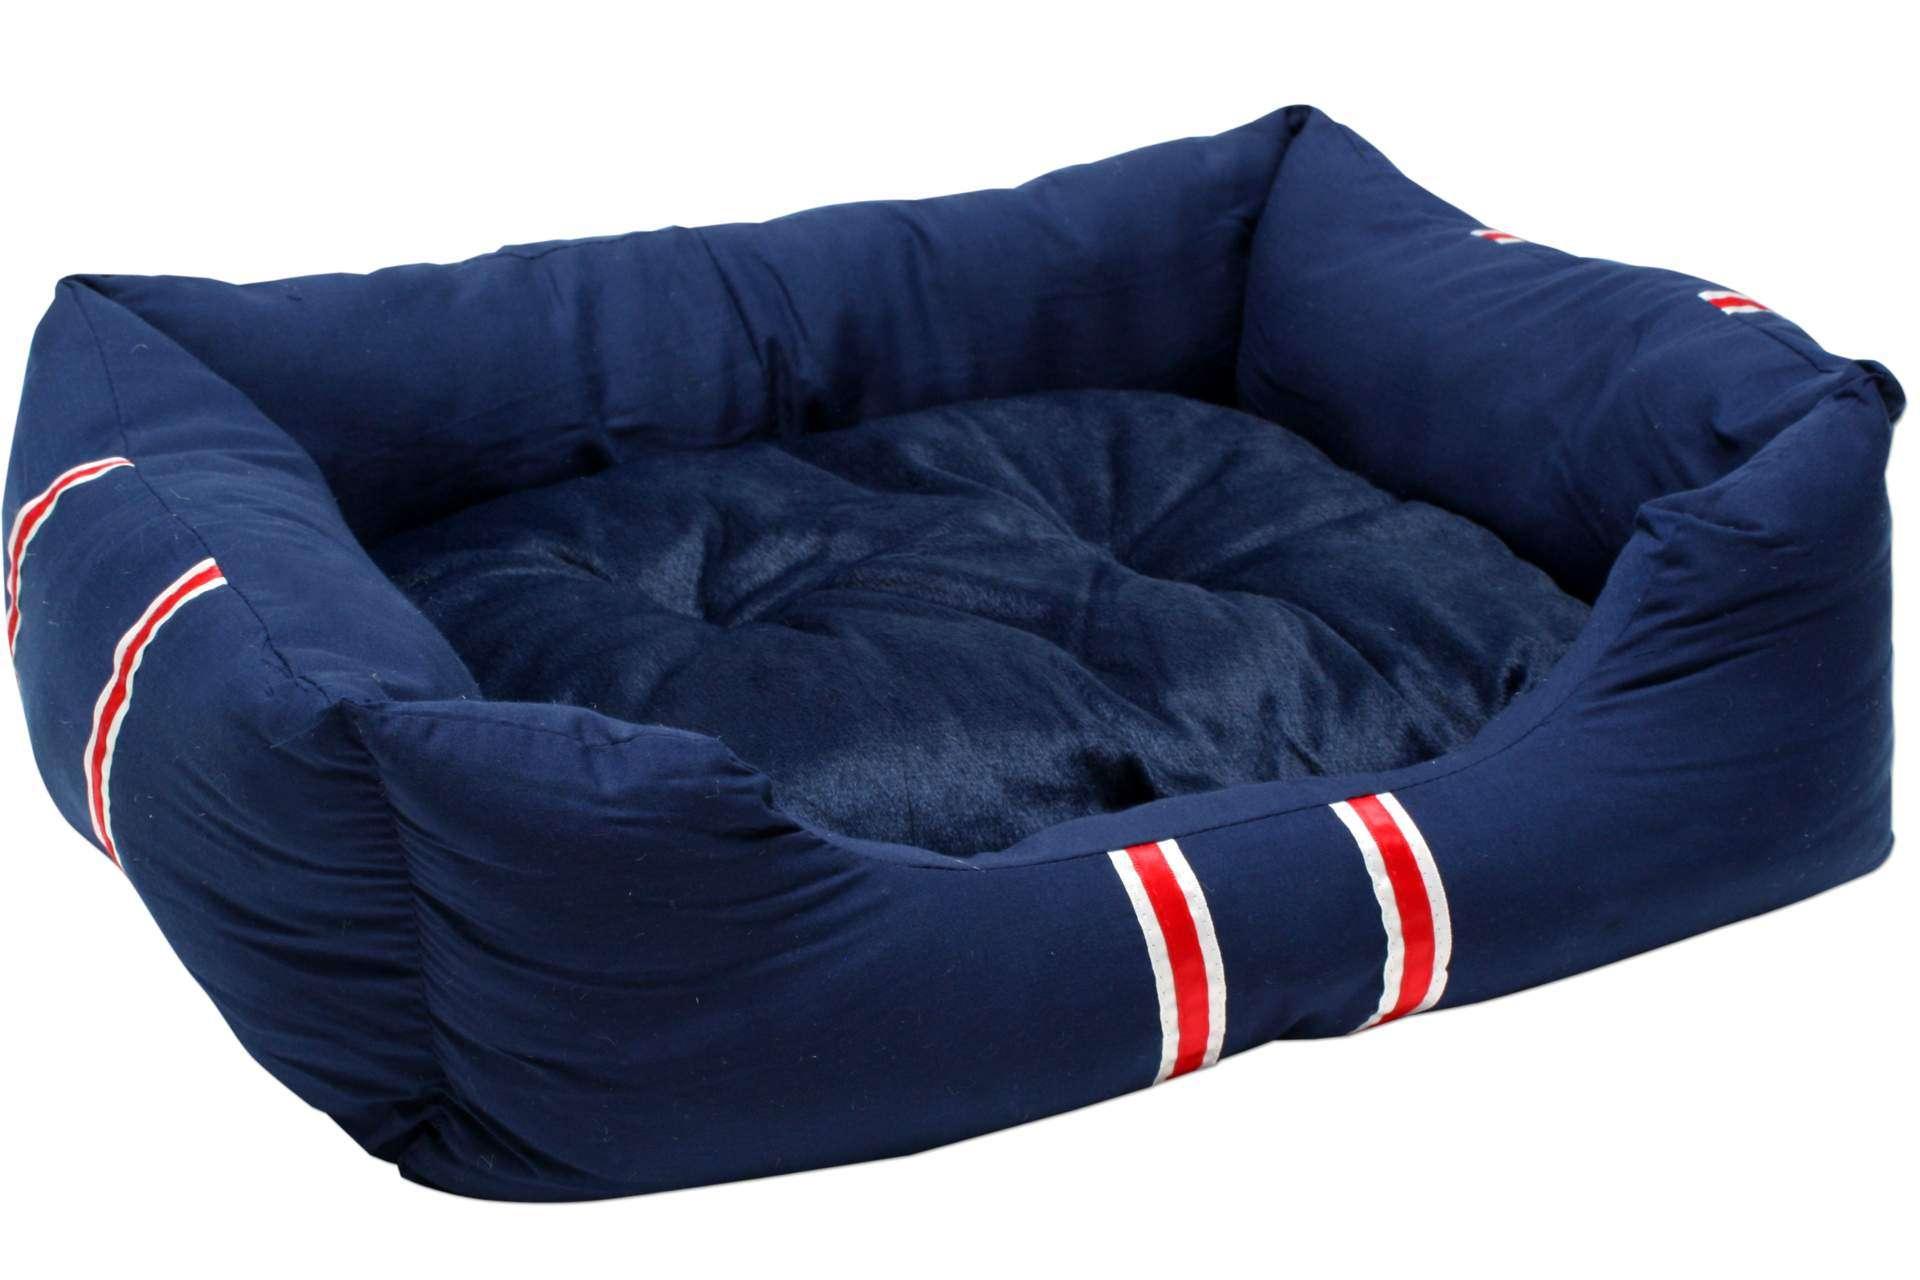 Hundebett mit Kissen blau 70 x 57 x 20 cm 2 tlg Hundekissen Ausverkaufsartikel Schnäppchen